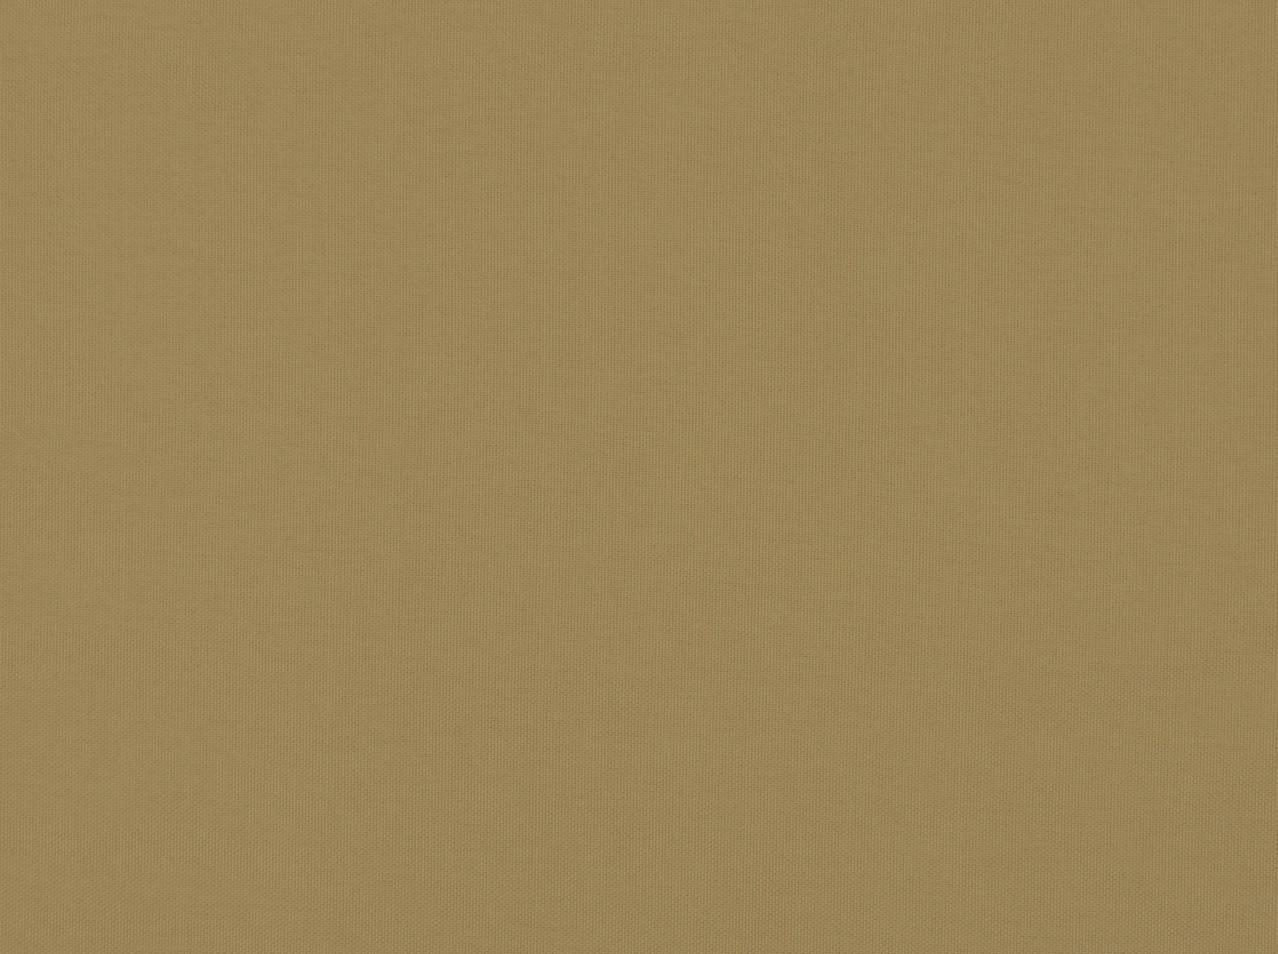 Sd zen 118 Sandstone